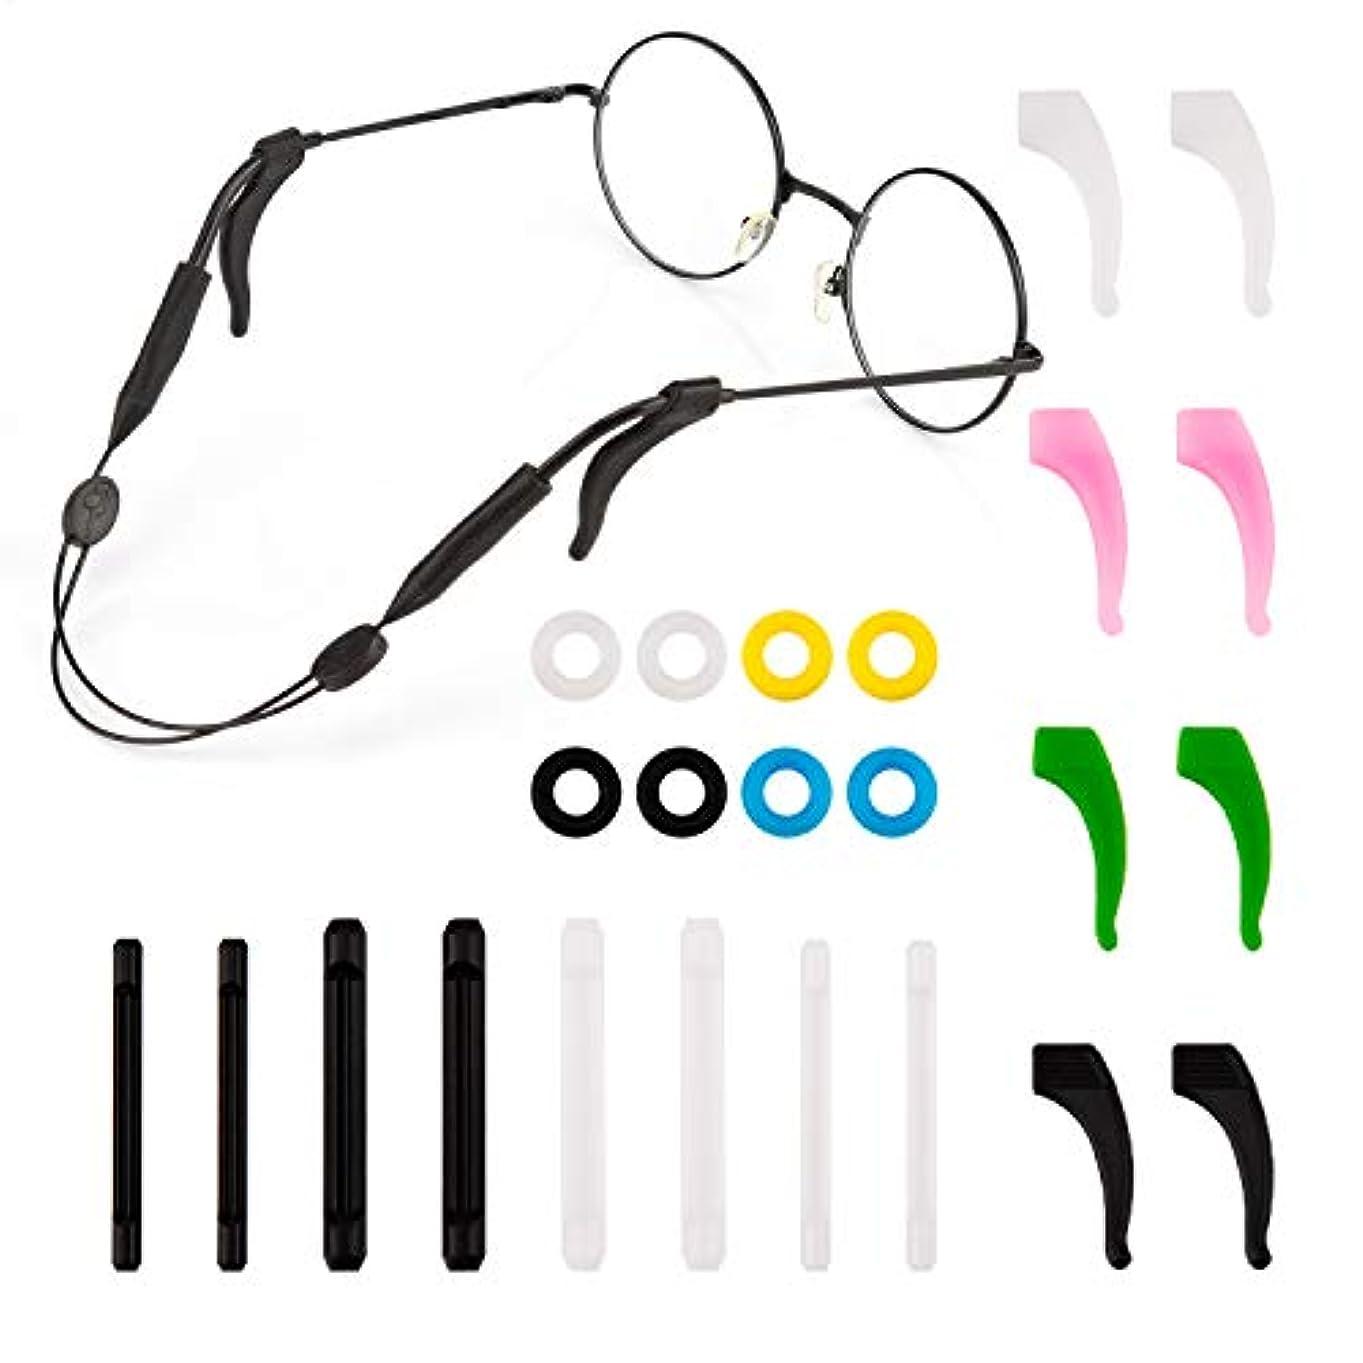 ケーブルカー助けてずっとLUTER (ルーター)13ペアソフトスモール/ミディアム/ラージシリコン眼鏡テンプルヒントアイウェアリテーナーメガネ付きひもストラップ子供&大人用スポーツ